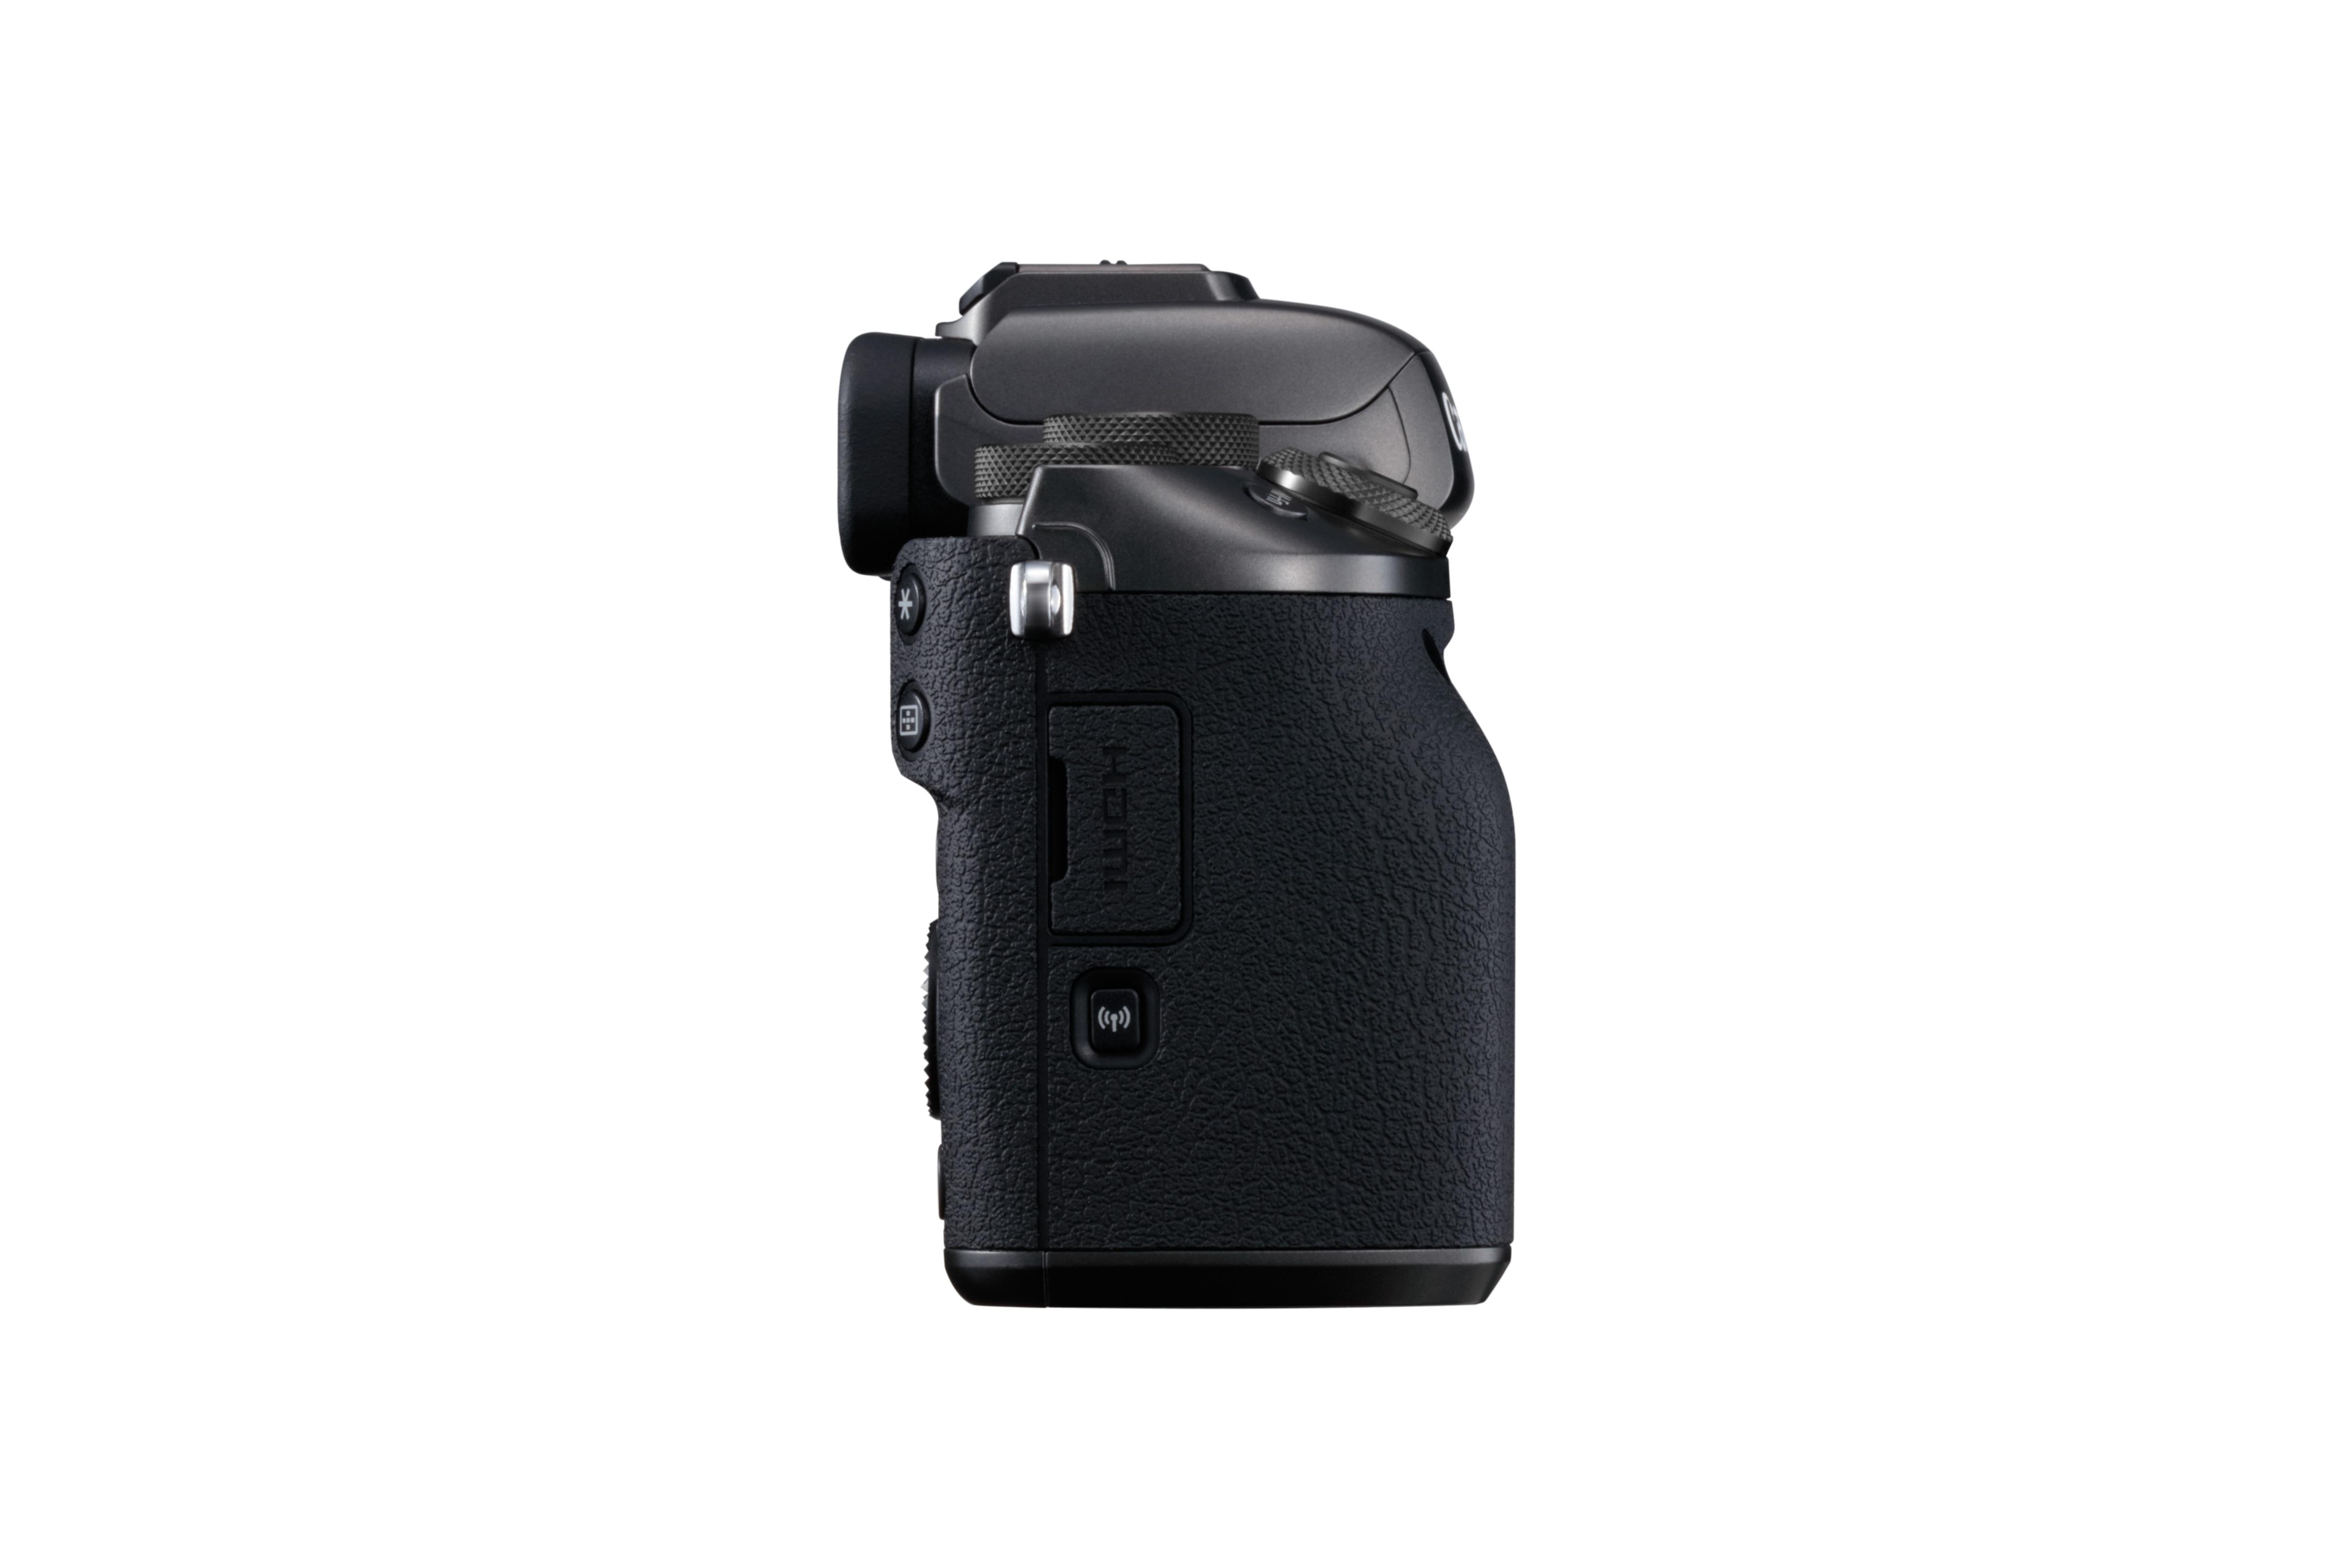 Canon EOS M5 Hus